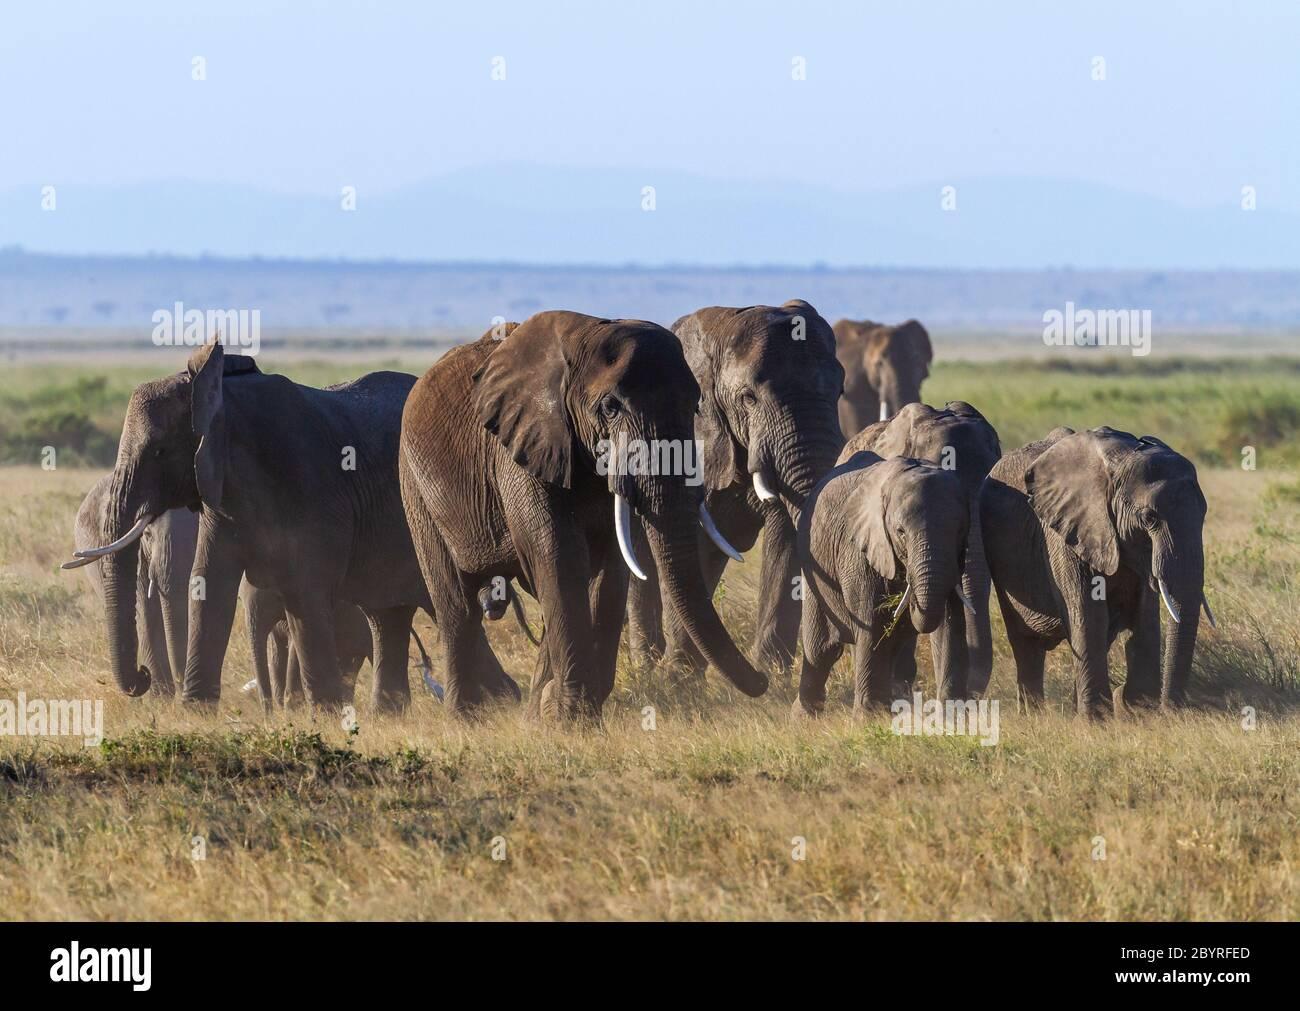 Rebaño de elefantes africanos en la polvorienta sabana africana, grupo de adultos y terneros se cierran juntos. Parque Nacional Amboseli, Kenia, África. Loxodonta Africana Foto de stock